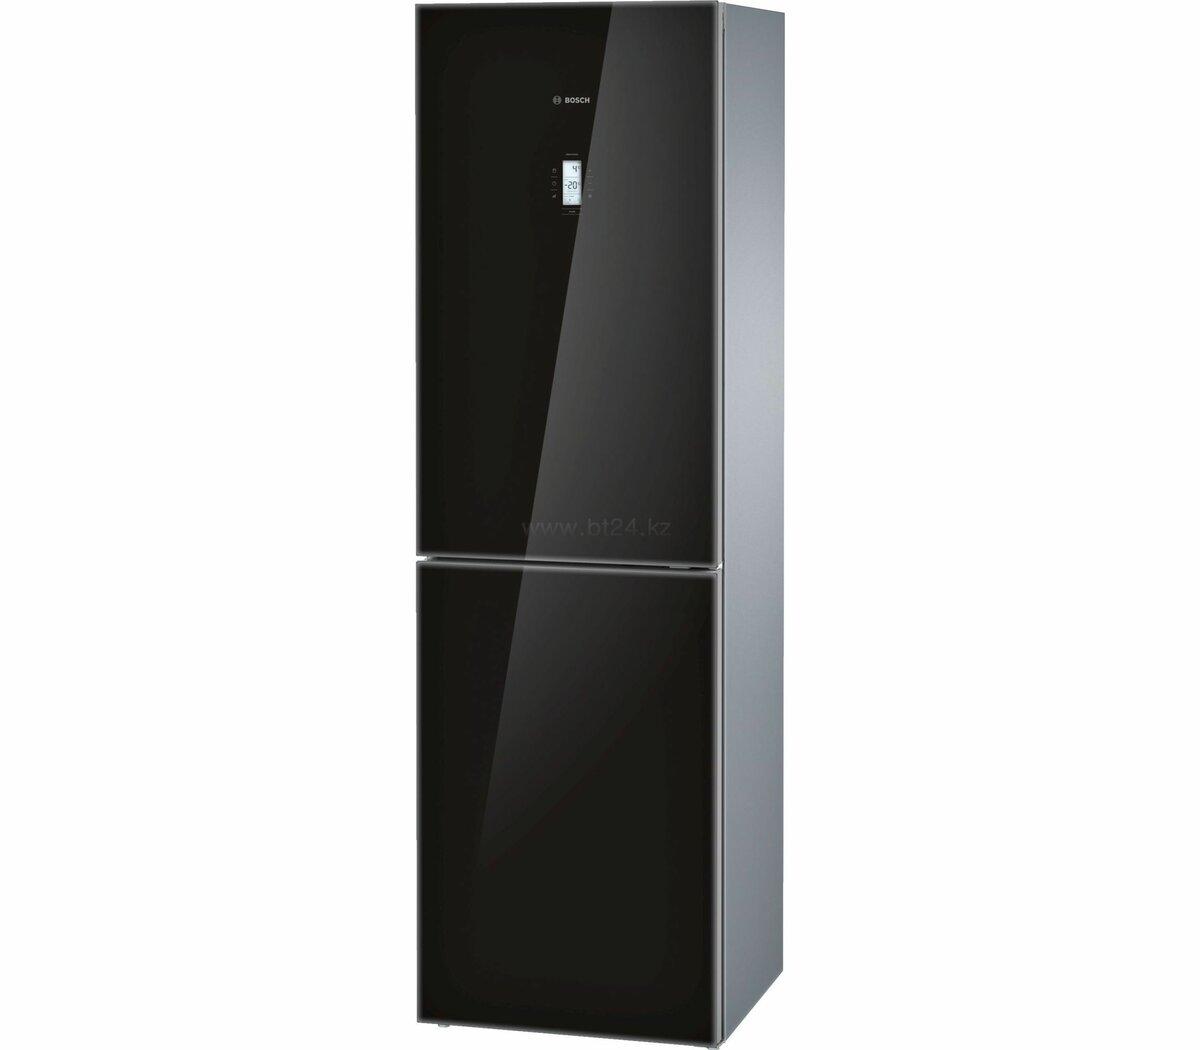 купить холодильник в липецке